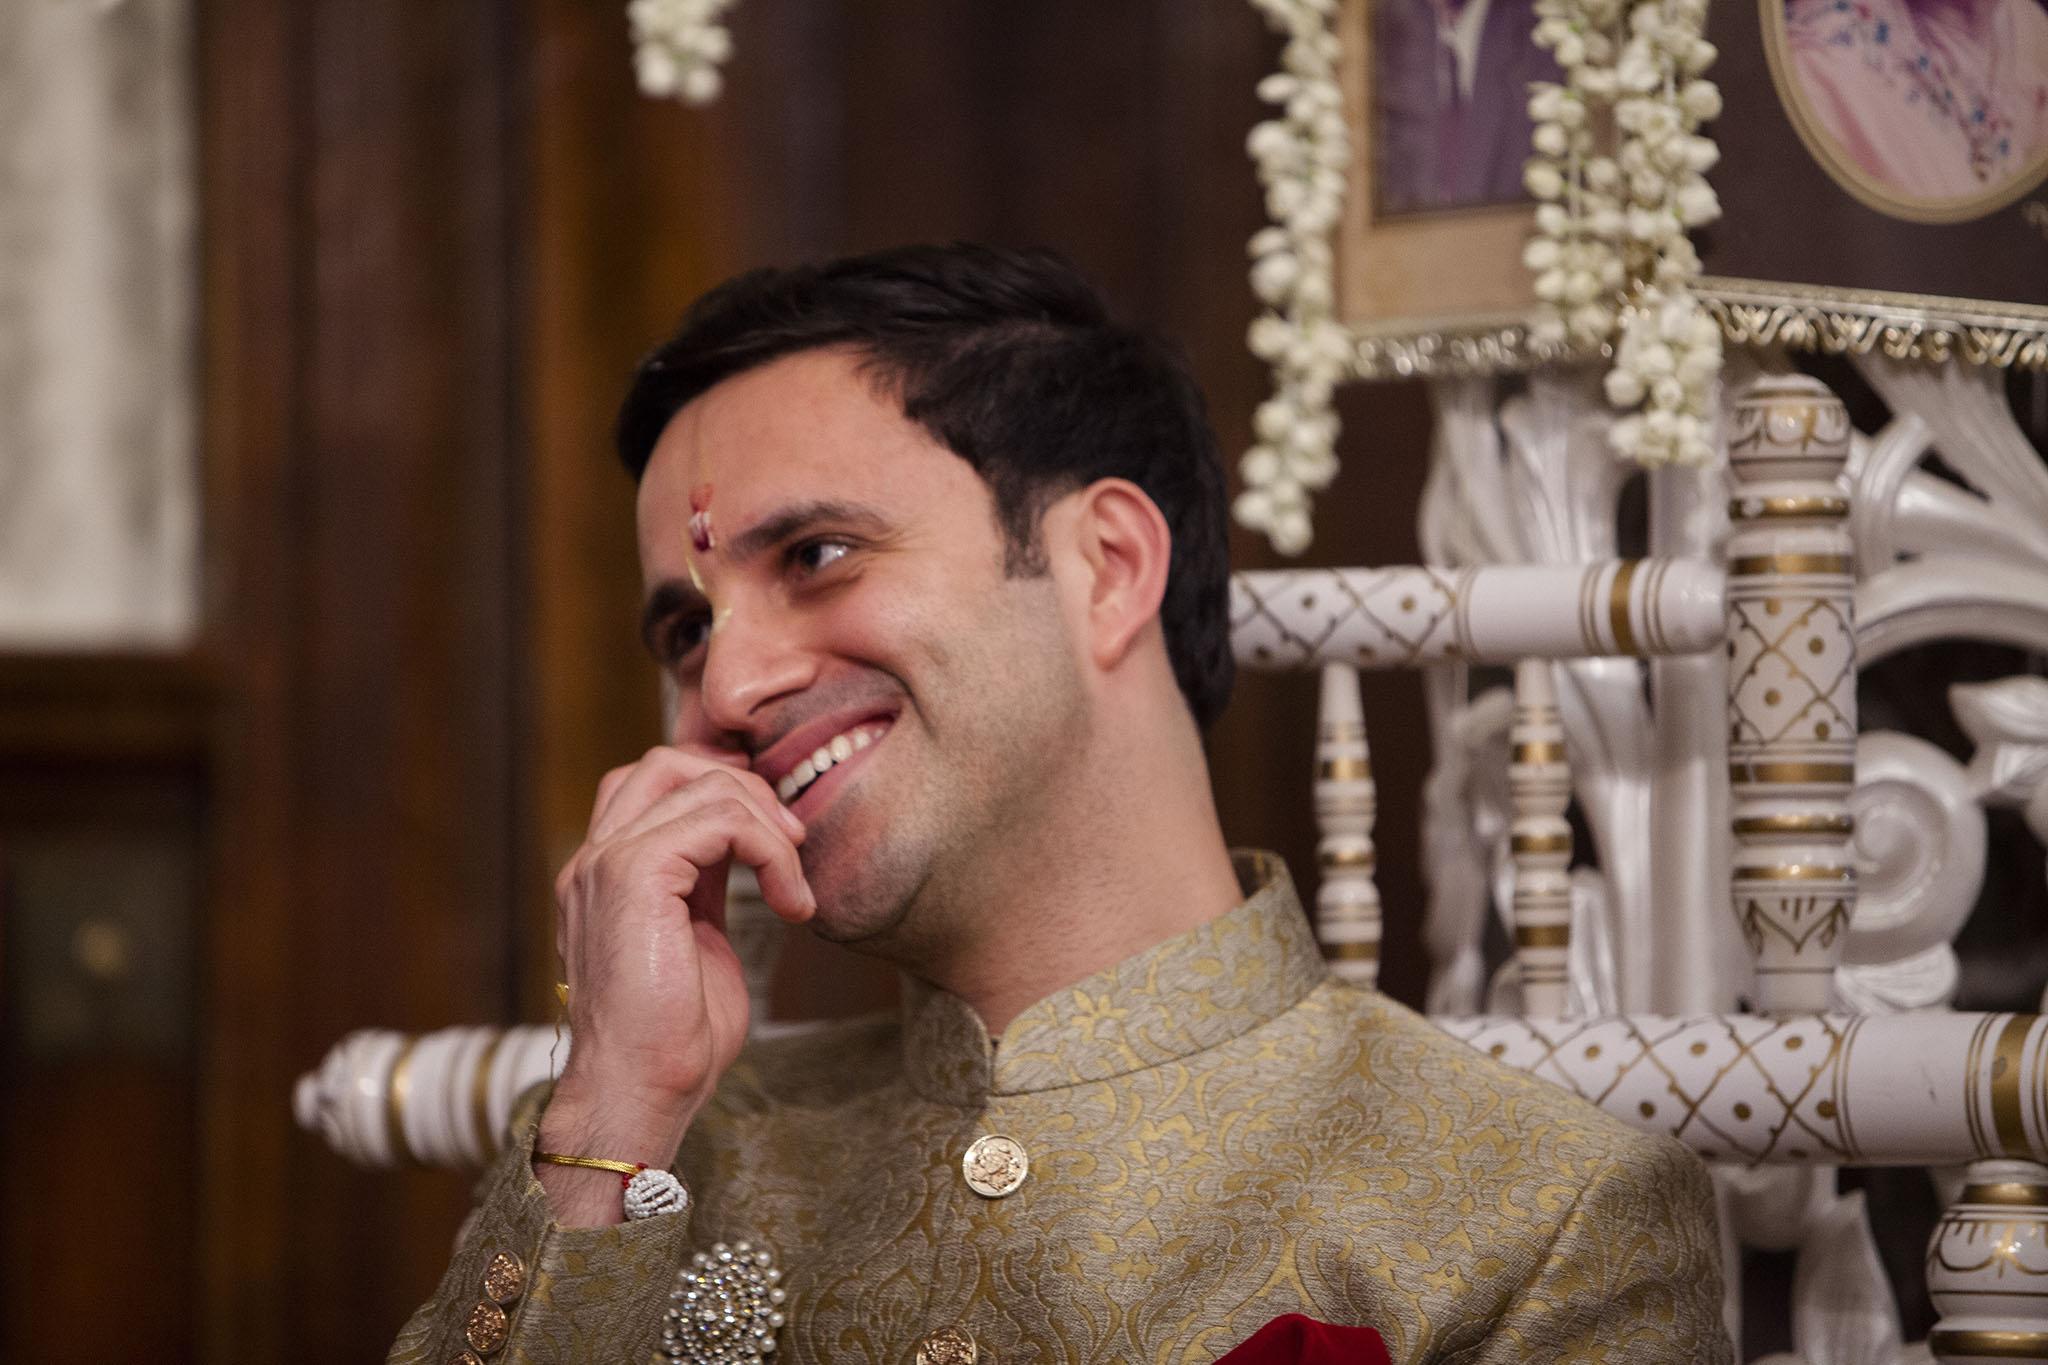 elizabethgphotography_kingslangley_hertfordshire_fineart_indian_wedding_photography_bhavesh_kundalata_bhaktivedanta_manor_watford_jpg26.jpg